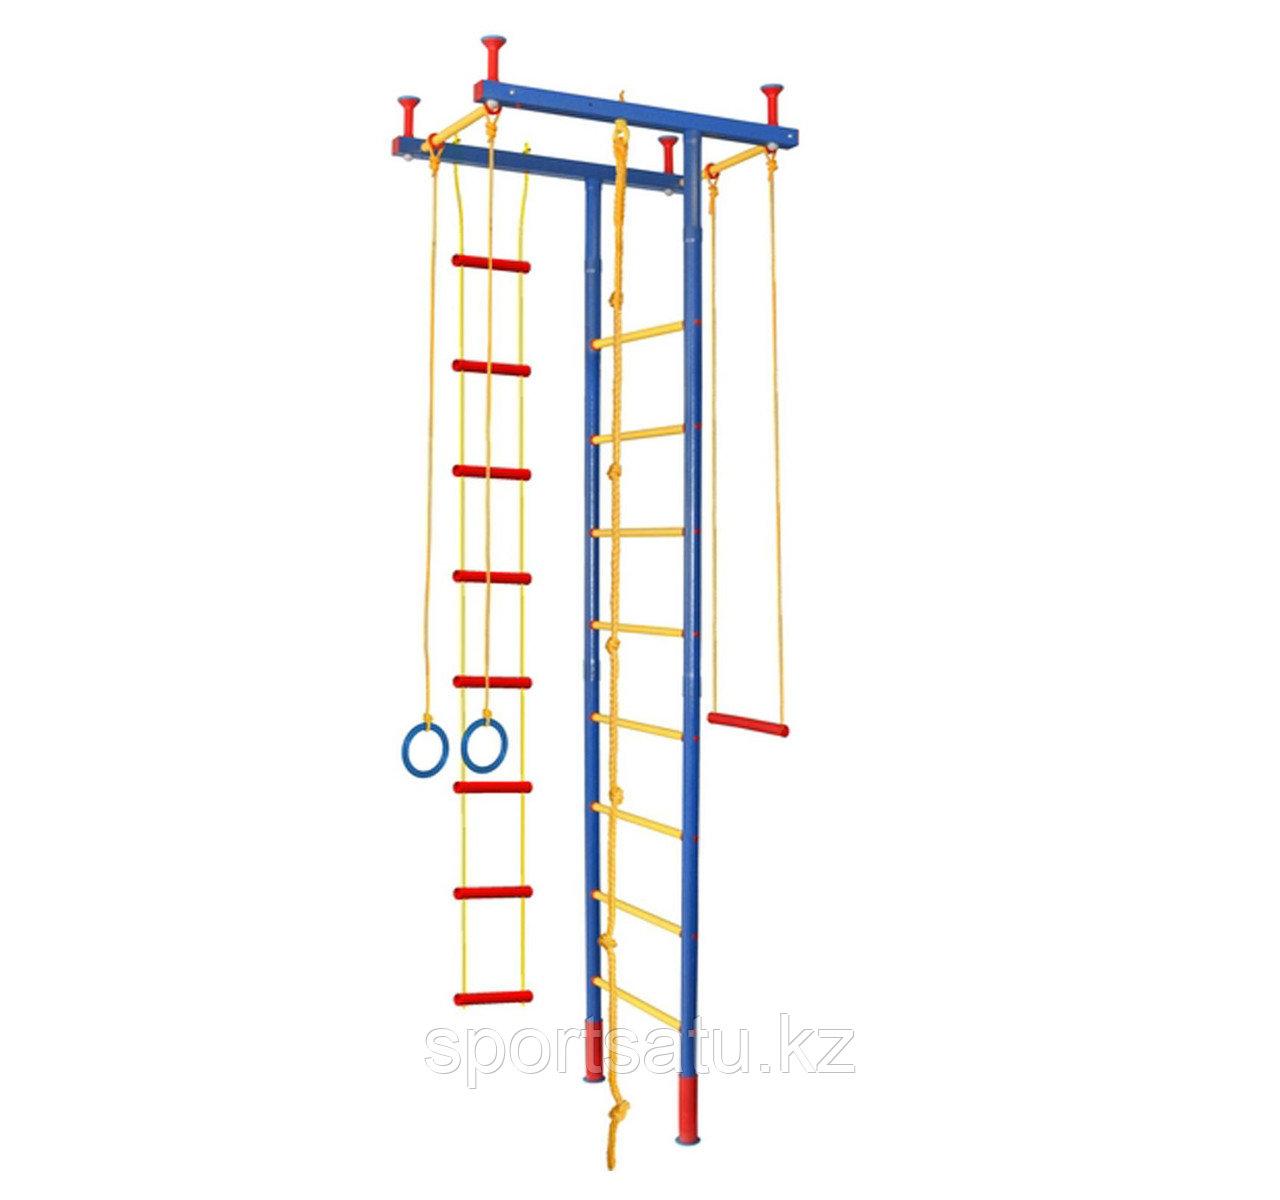 Домашний спортивный комплекс распорный 2,35 - 2,80м (вес до 100кг)